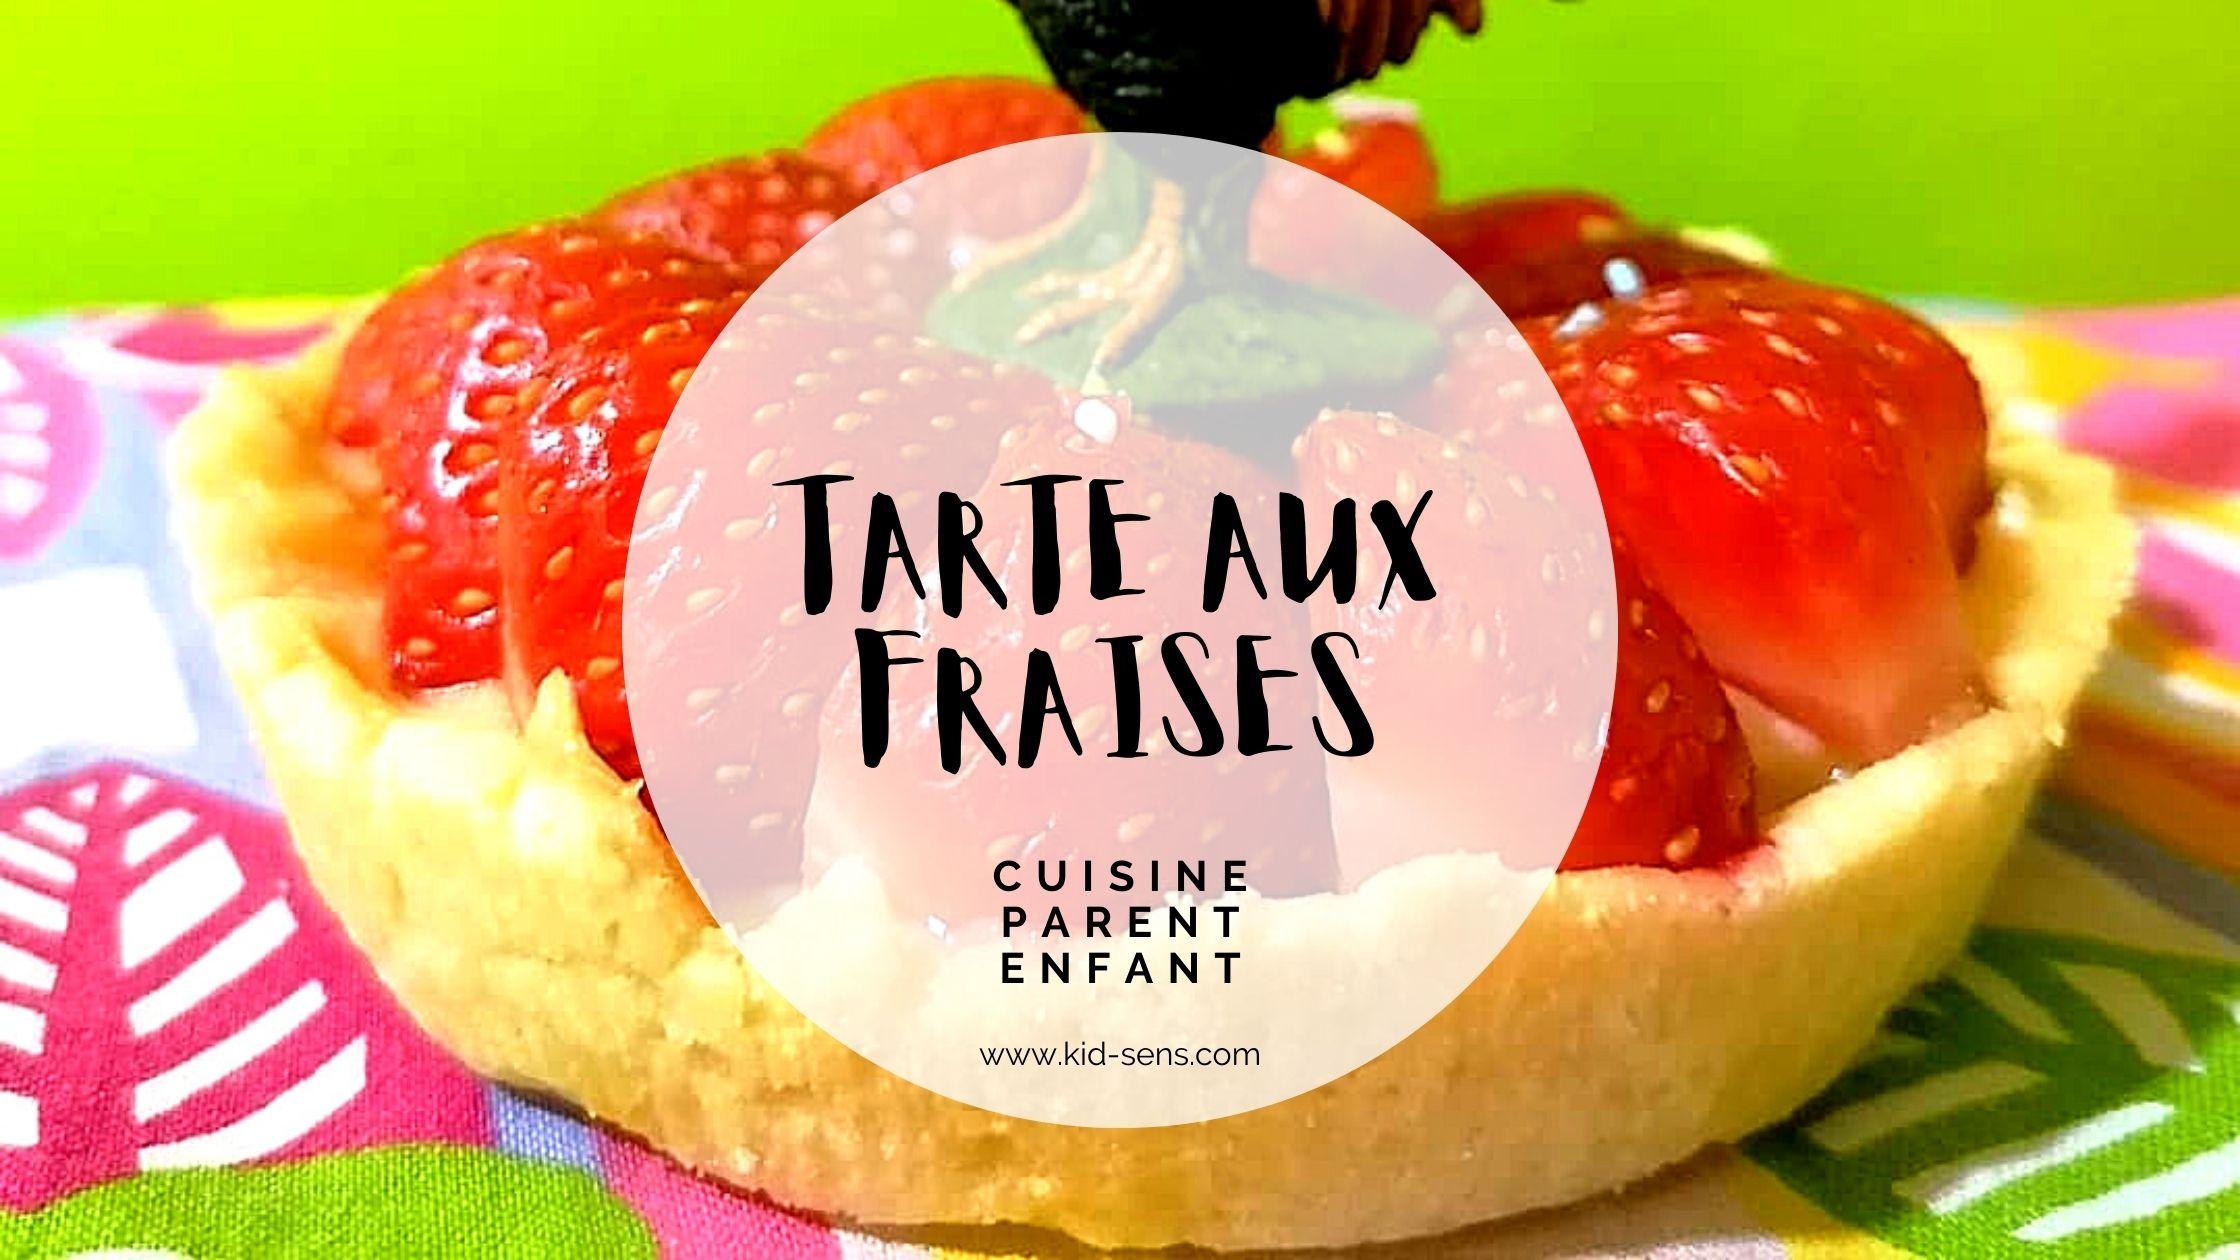 Cuisine parent enfant : recette de tarte aux fraises